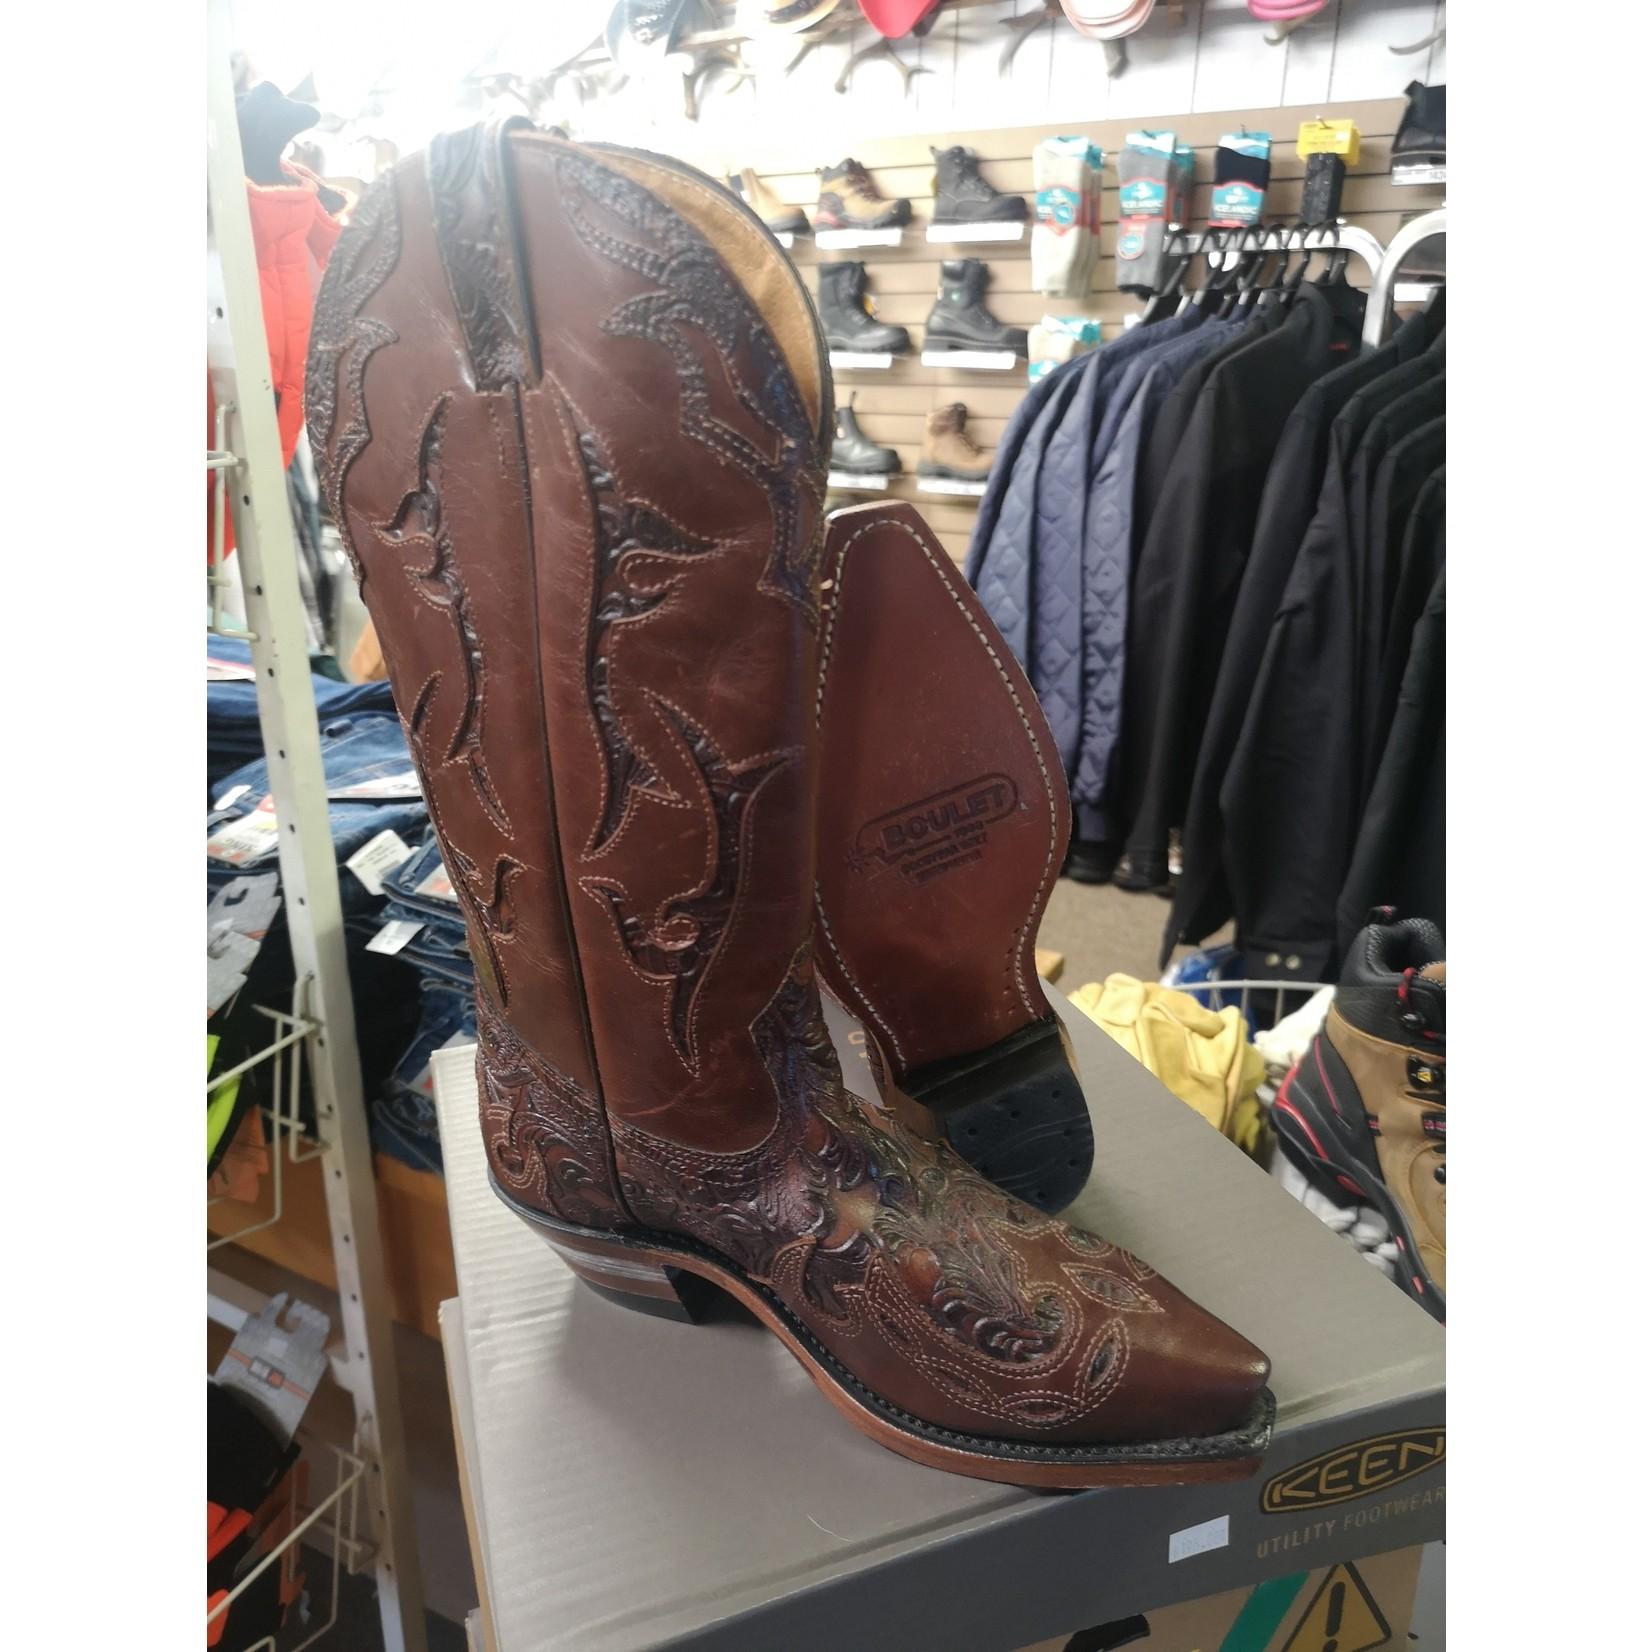 Boulet Boulet Women's Snip Toe Cowboy Boots - 1643 - Width C